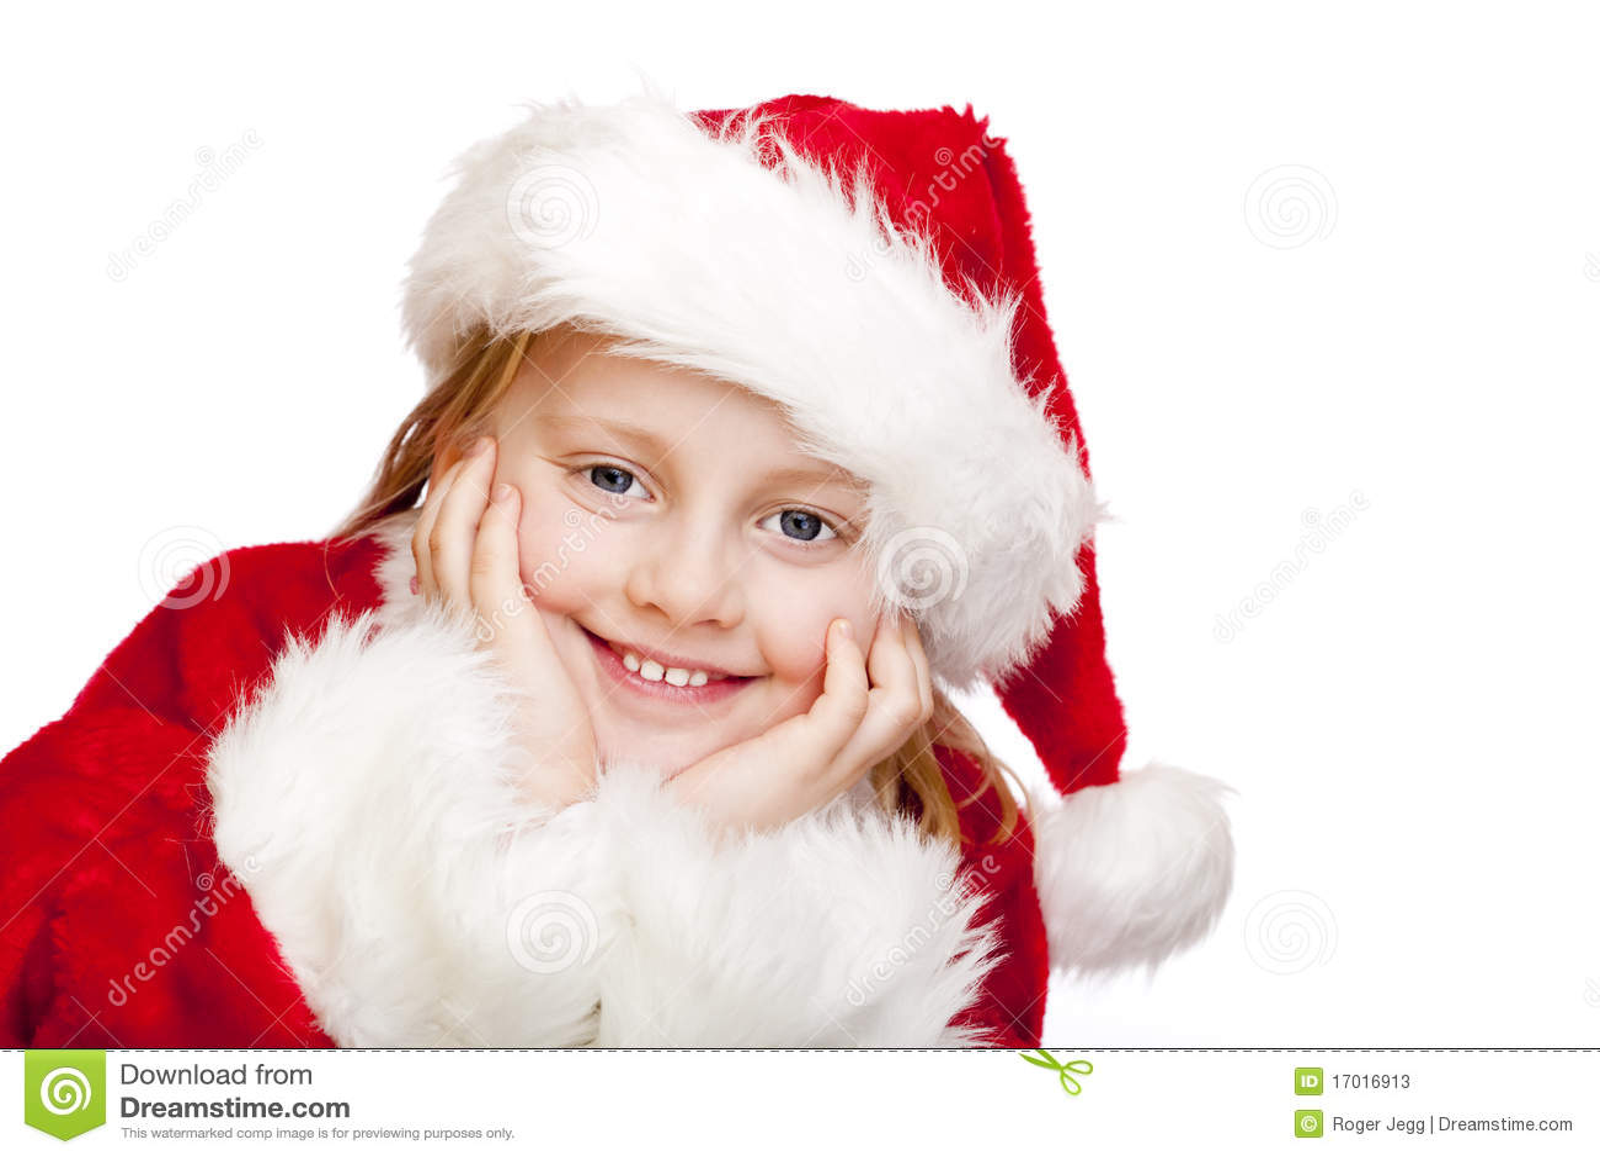 Das kleine Kind, das als Weihnachtsmann gekleidet wird, lächelt glücklich